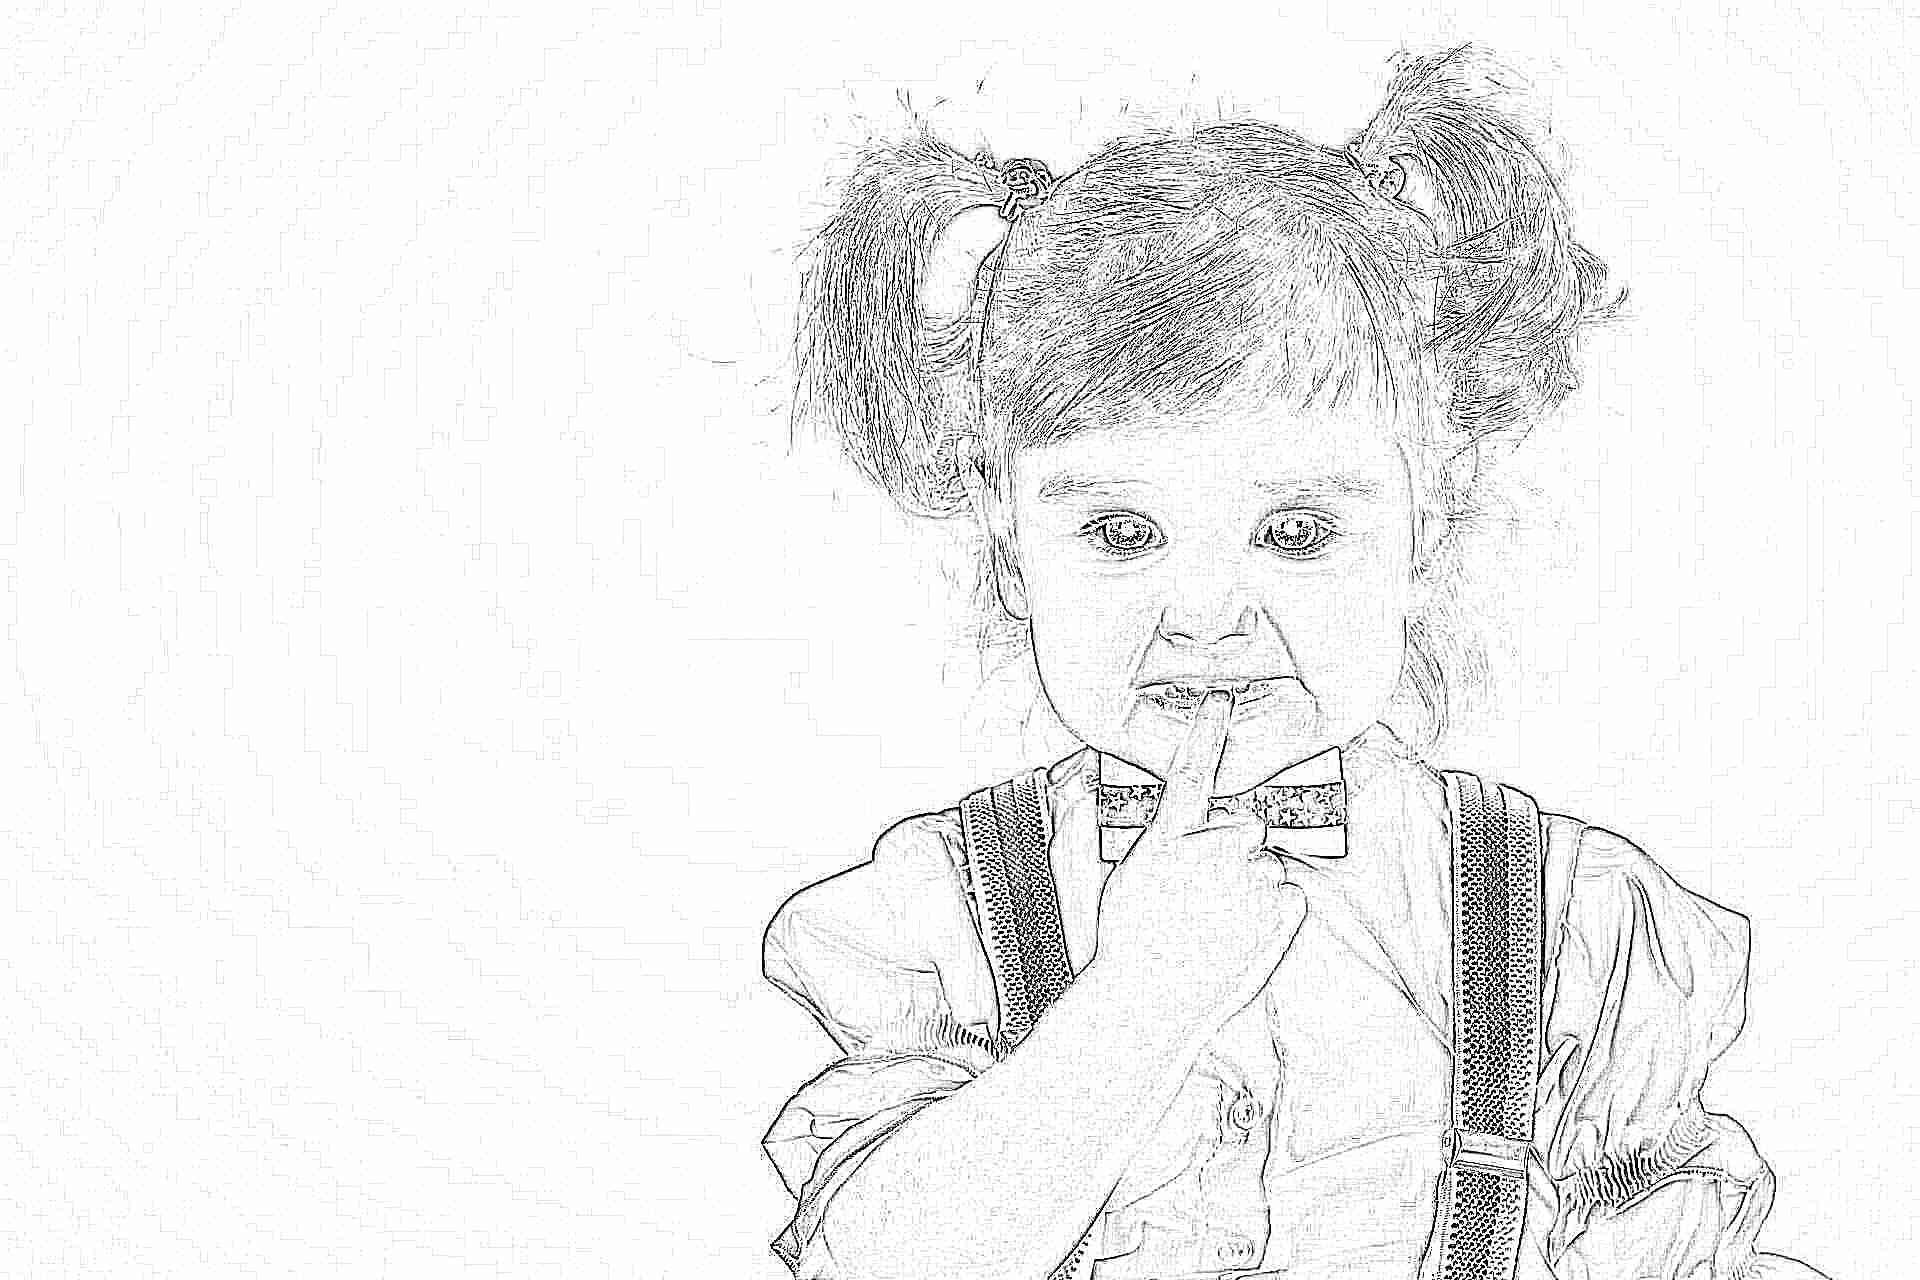 Синдром навязчивых движений у детей: симптомы и лечение невроза навязчивых состояний